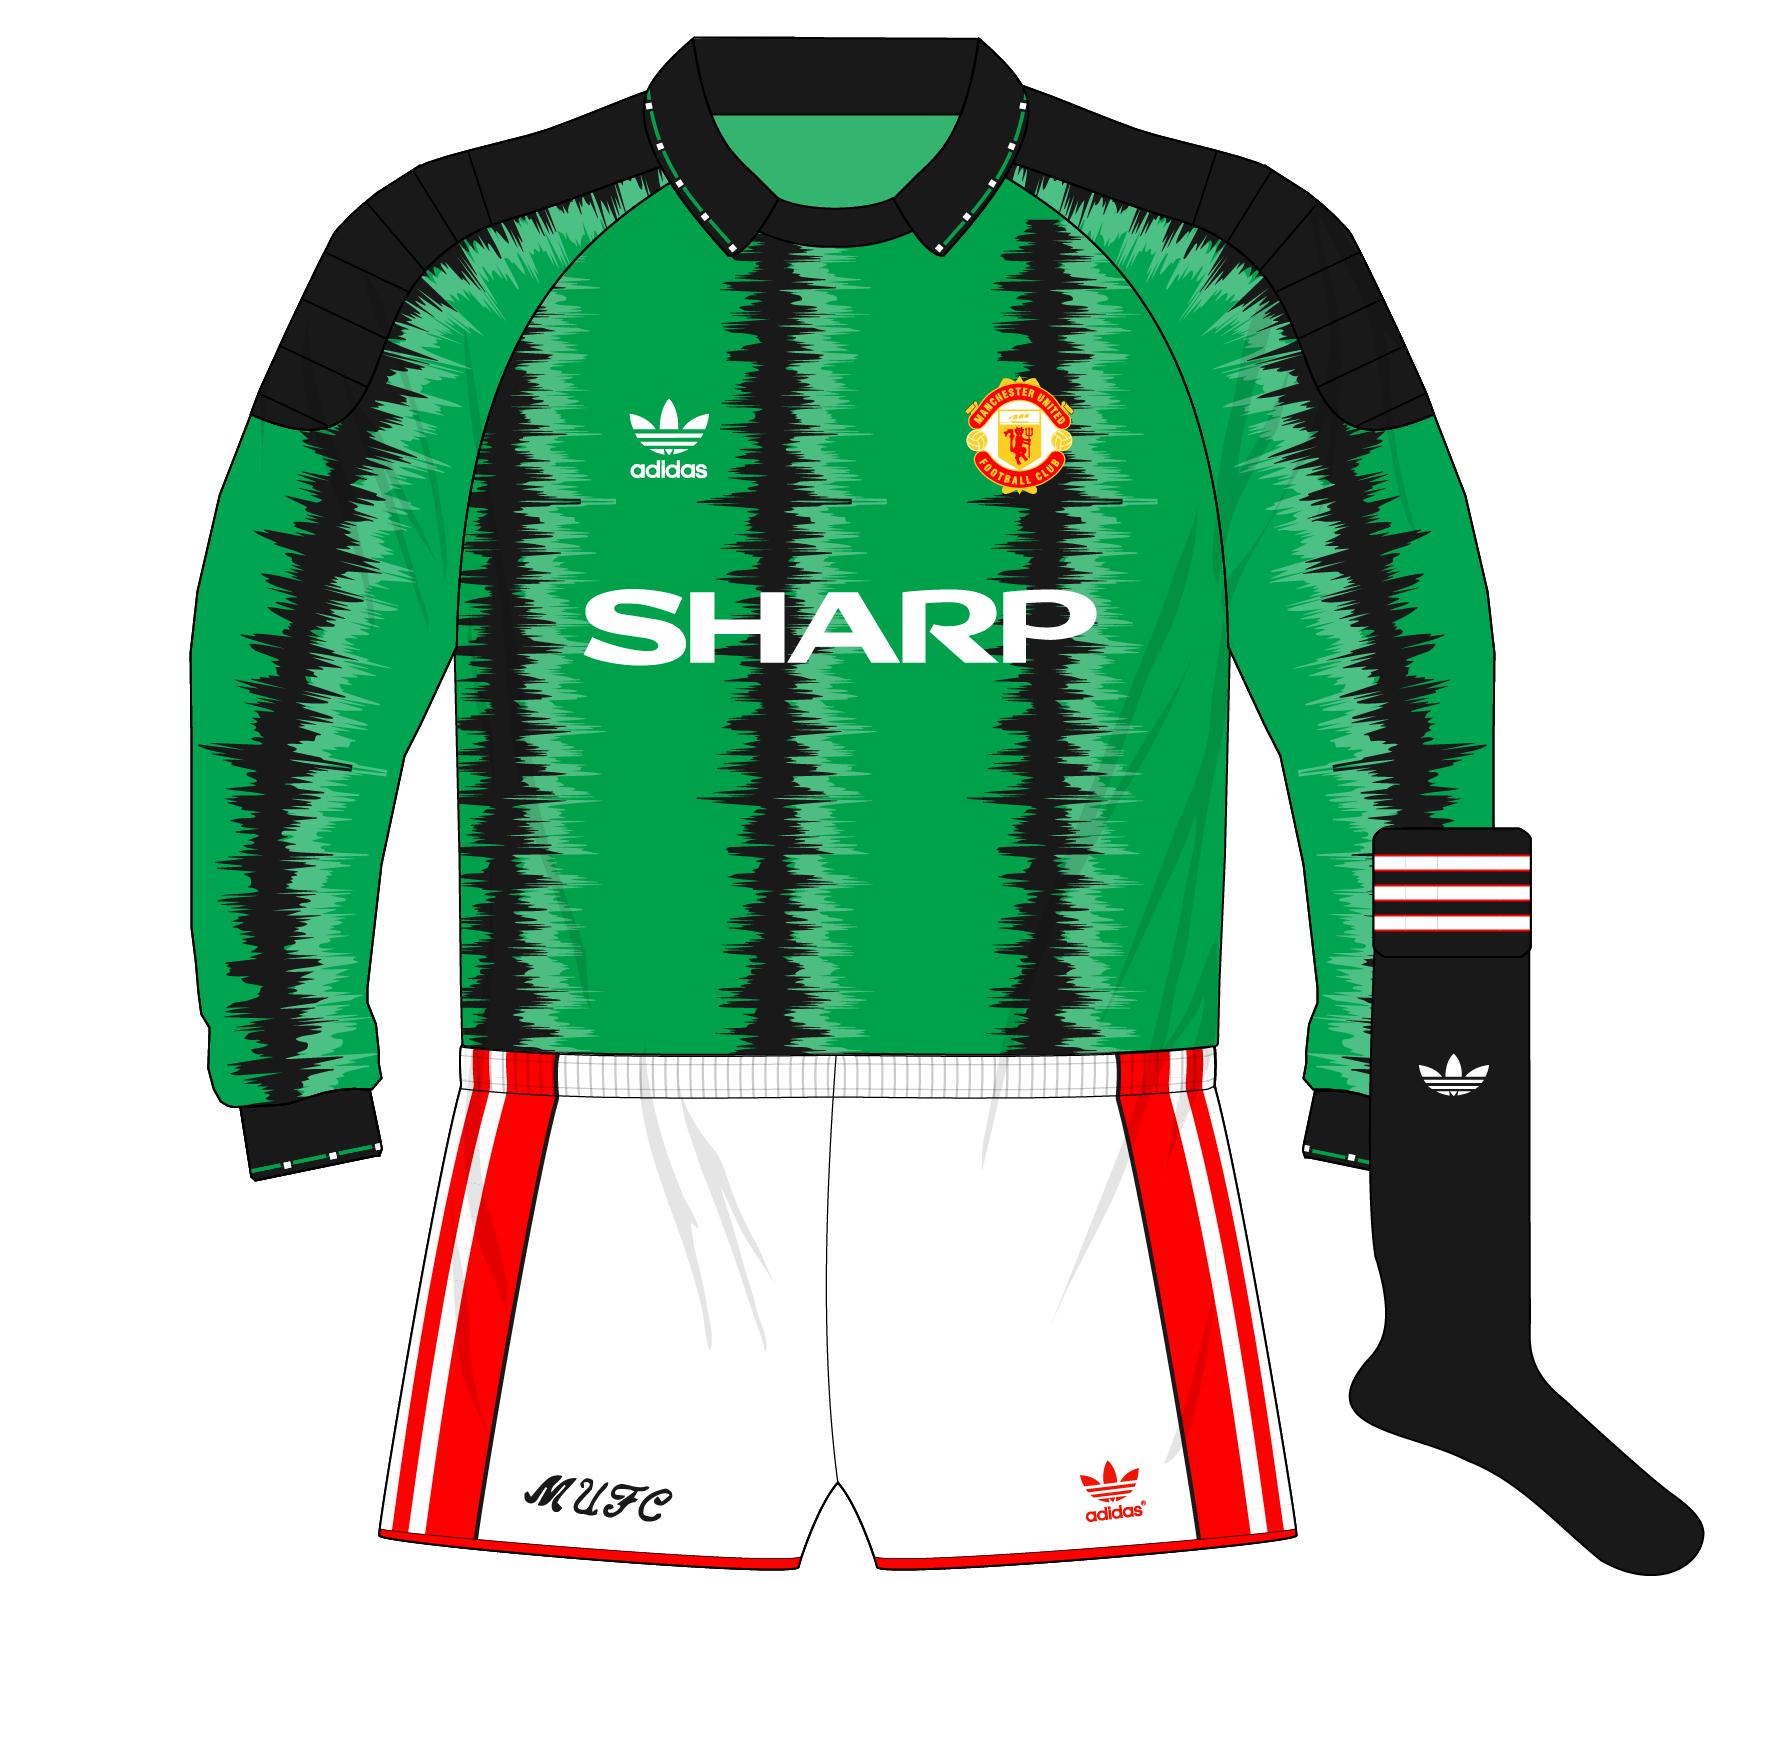 sale retailer 38b17 f3831 adidas-Manchester-United-green-goalkeeper-shirt-jersey-1990 ...